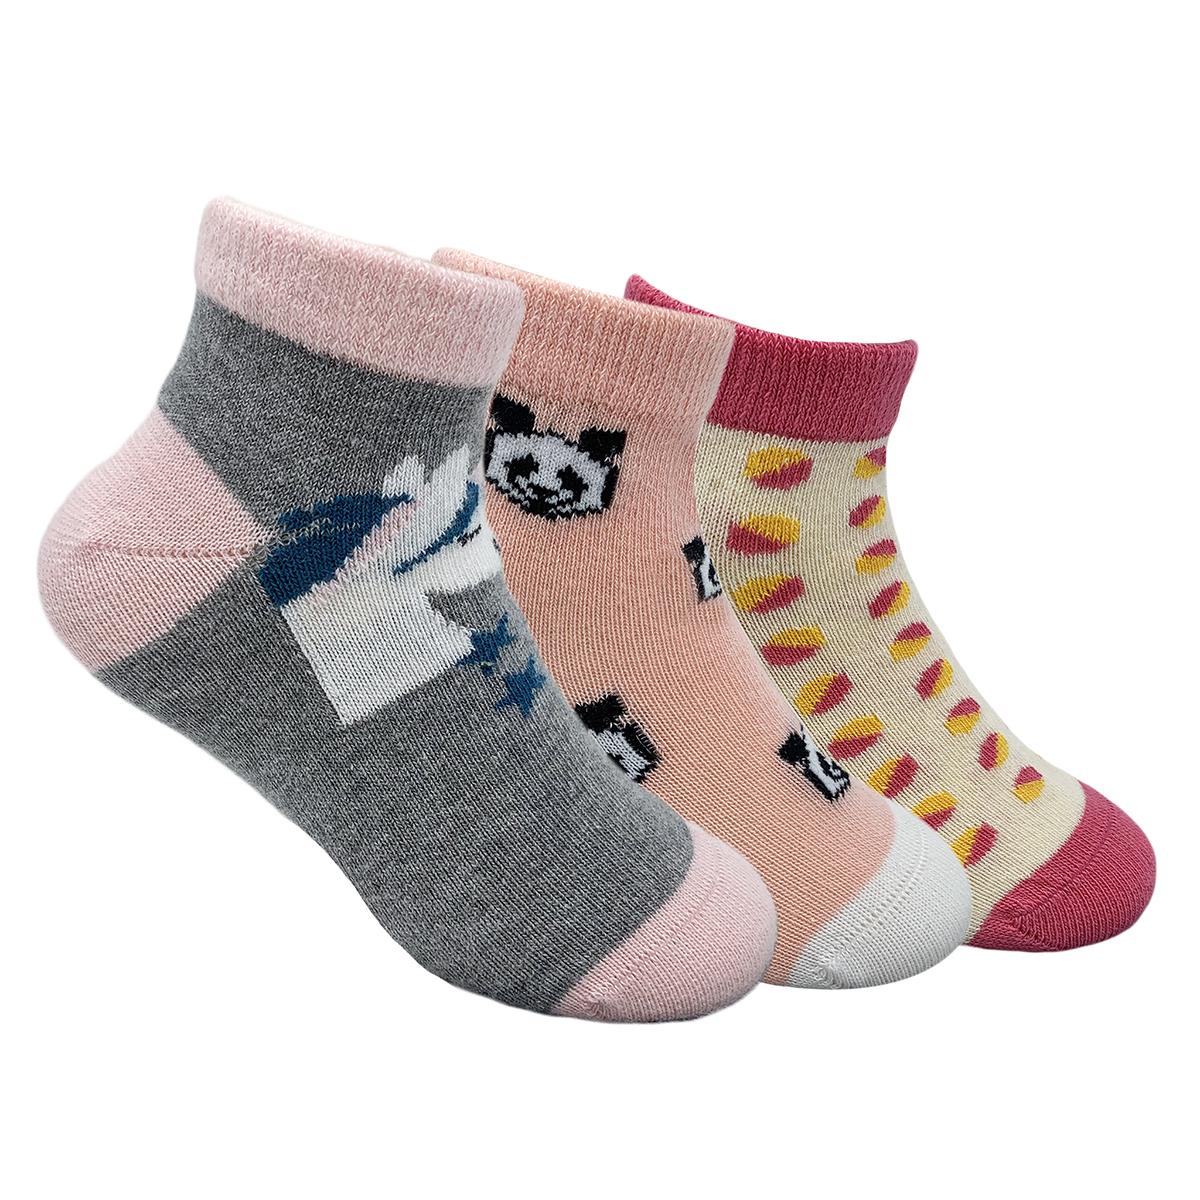 Mint & Oak | Mint & Oak Pretty In Pink Cotton Ankle Length Socks for Kids